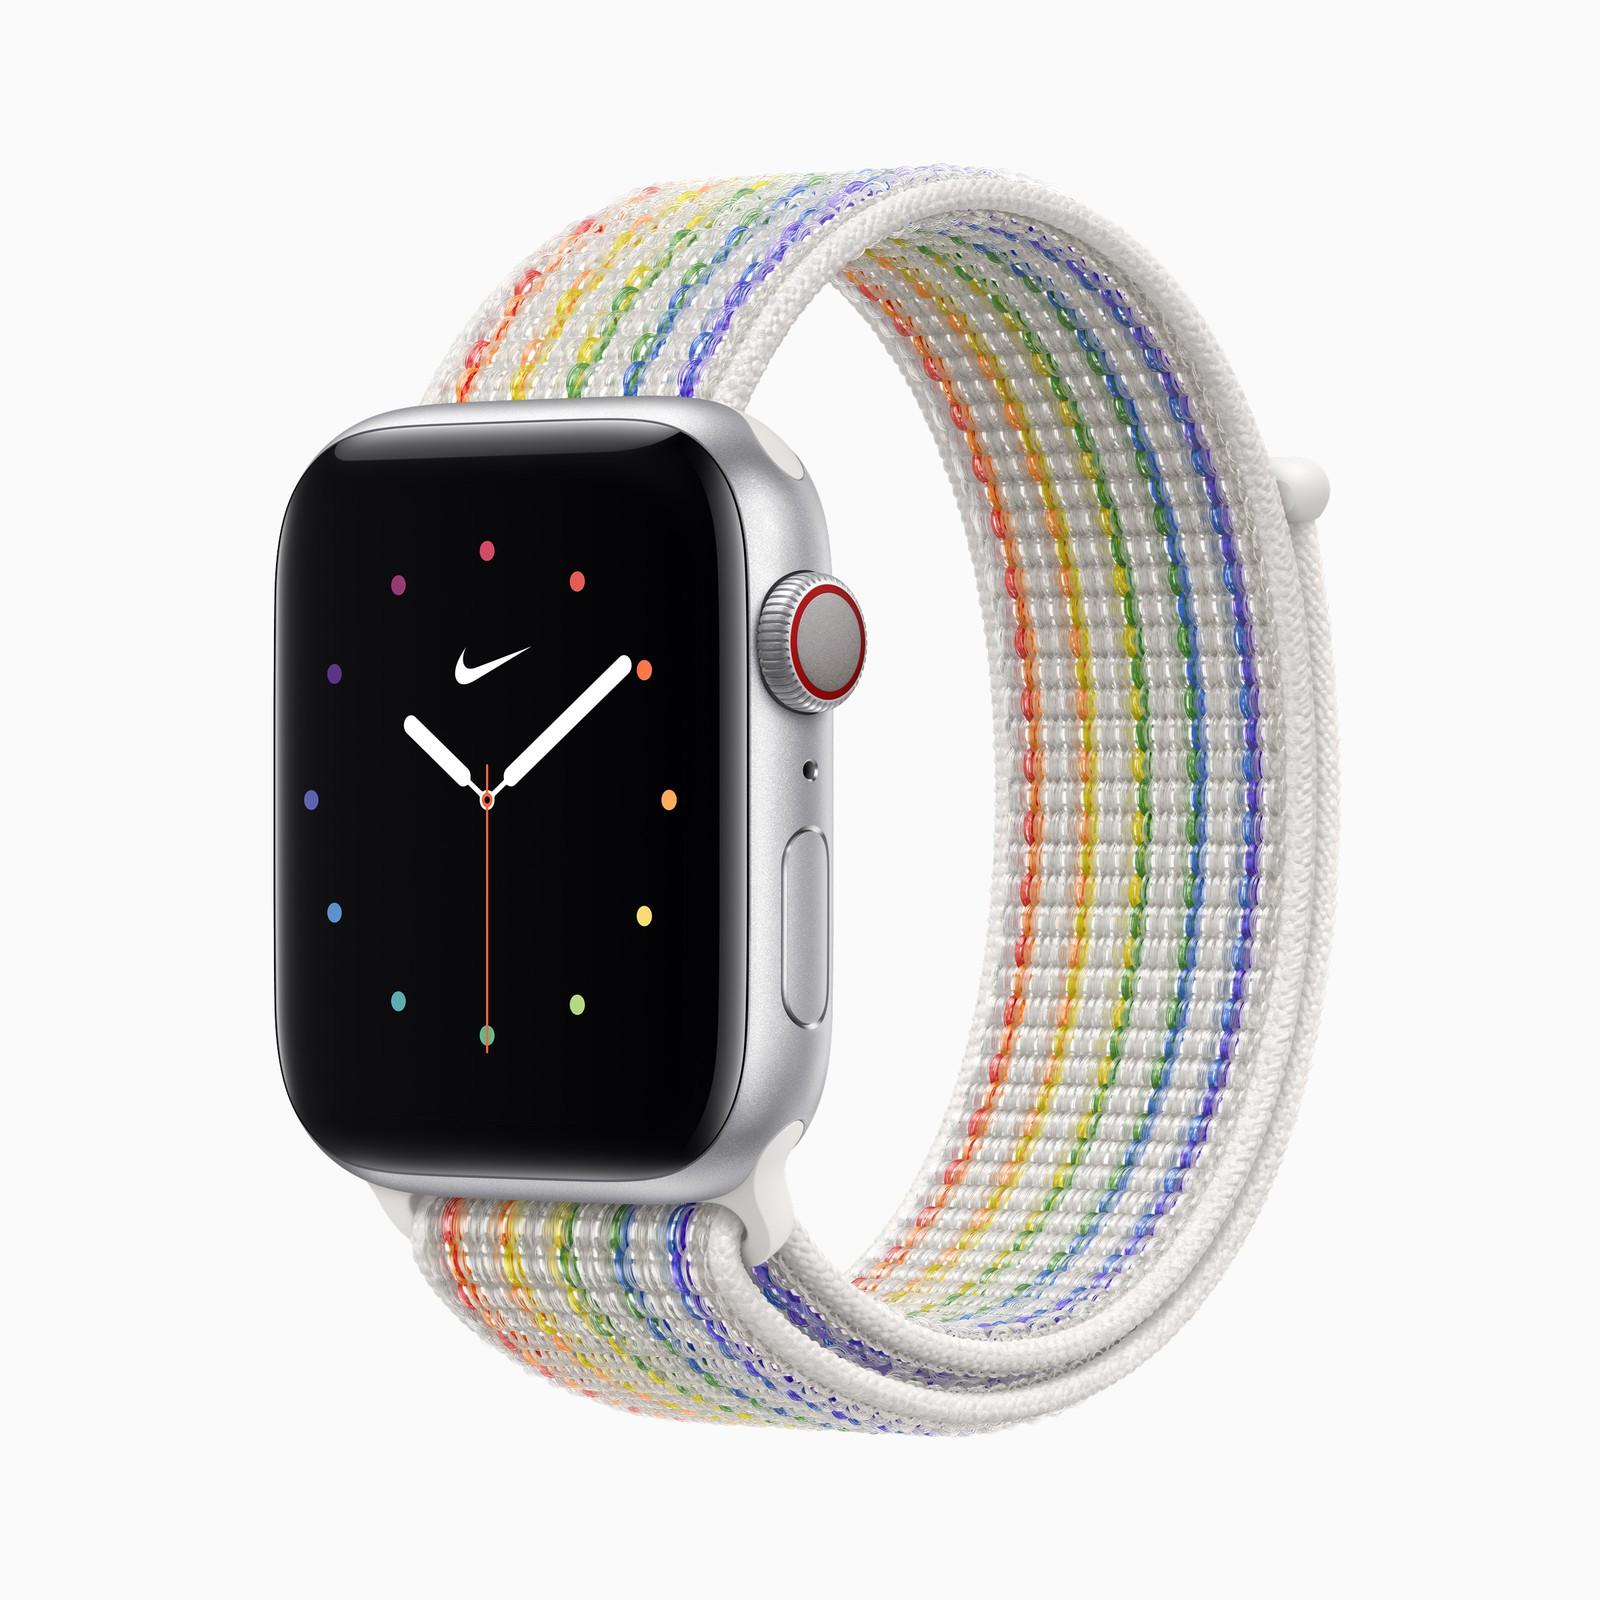 苹果发布骄傲版 Apple Watch 编织独绳圈和耐克运动圈